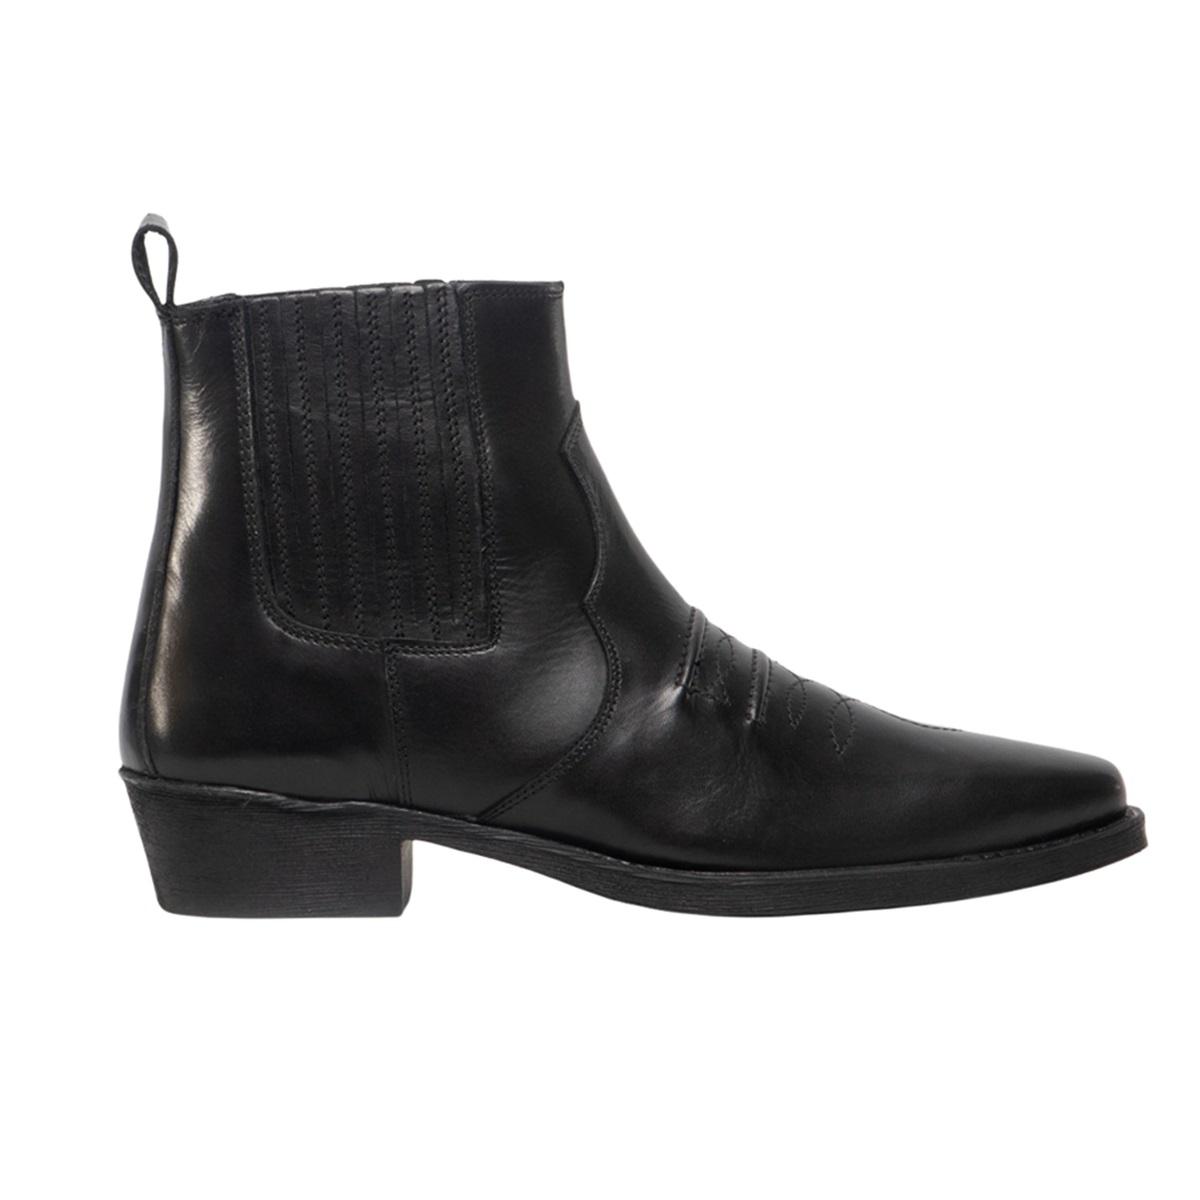 Gringos-Botas-estilo-oeste-de-cuero-envejecido-con-elasticos-DF757